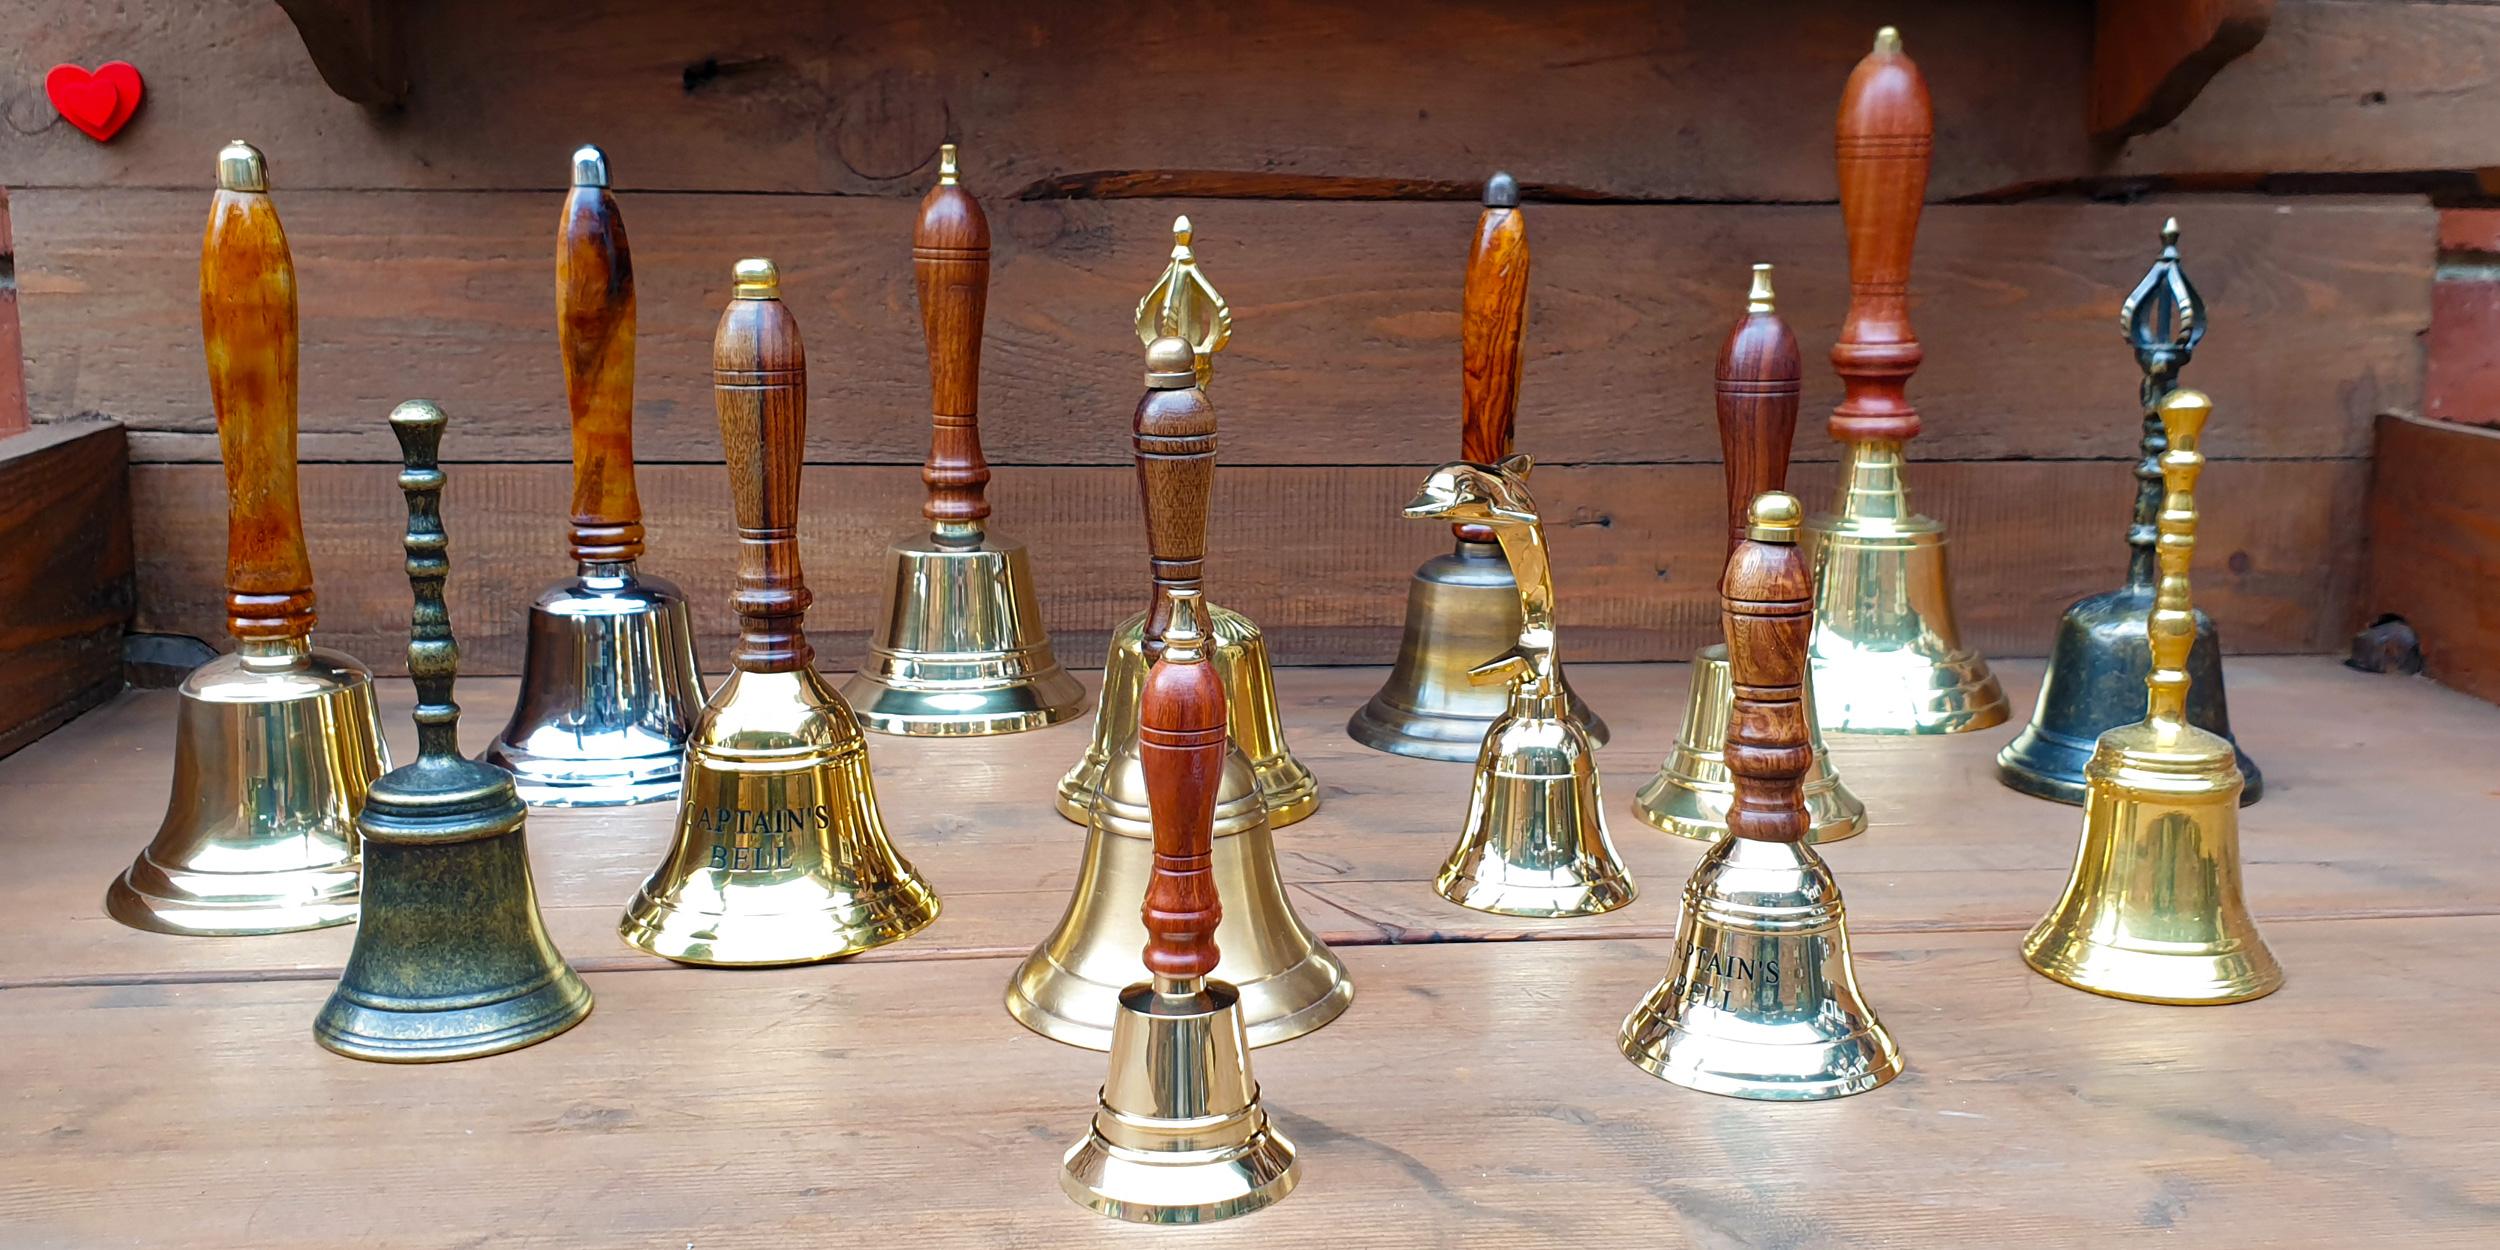 Haufenweise Glocken